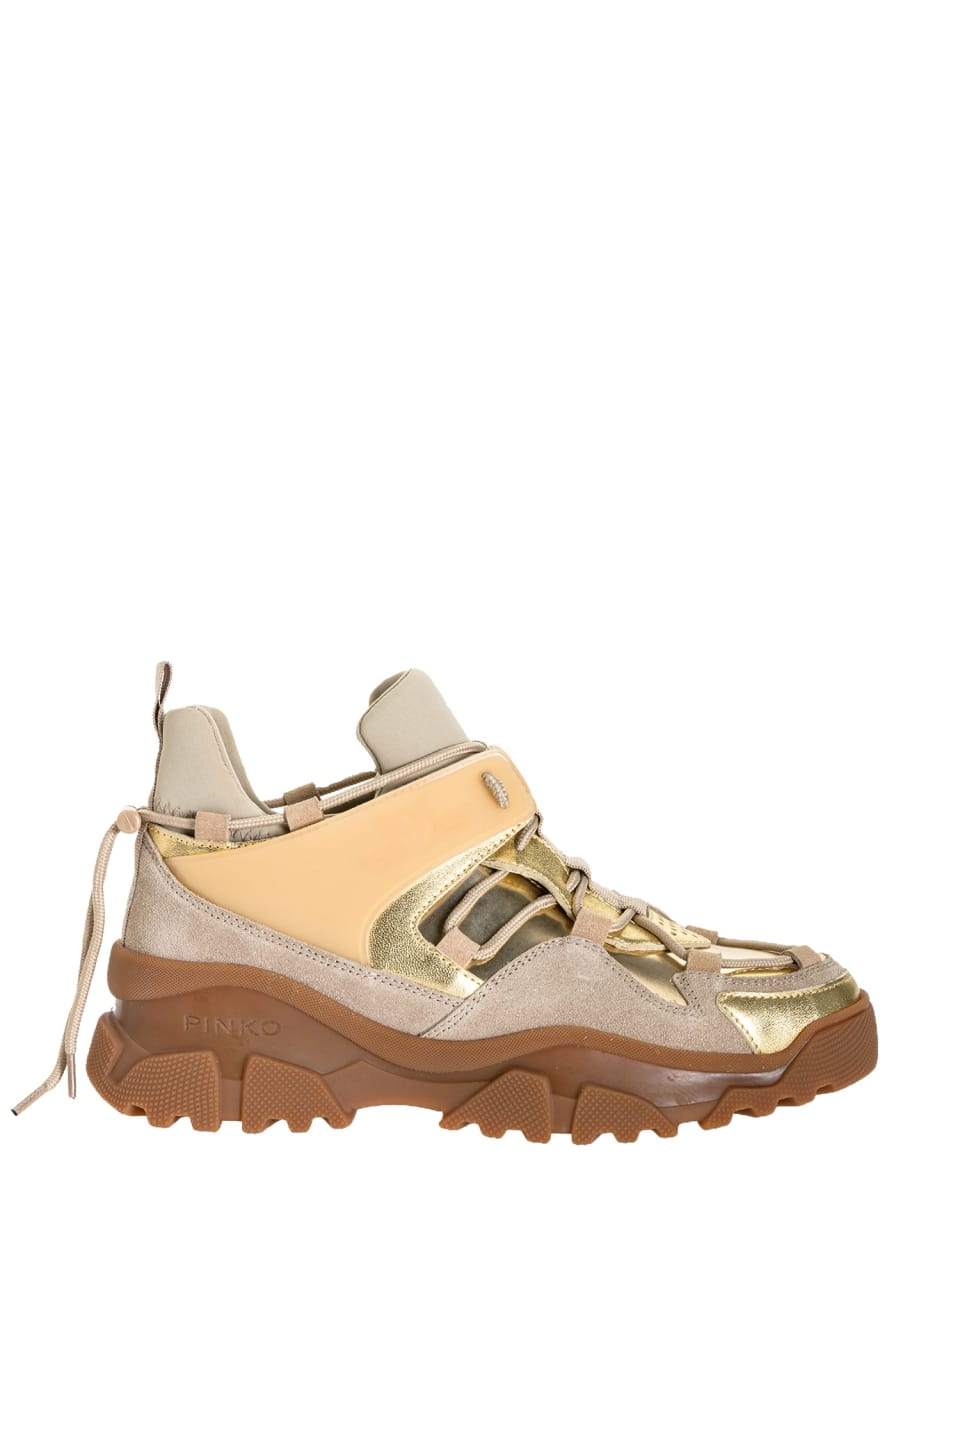 Metallic-Trekking-Sneakers - Pinko